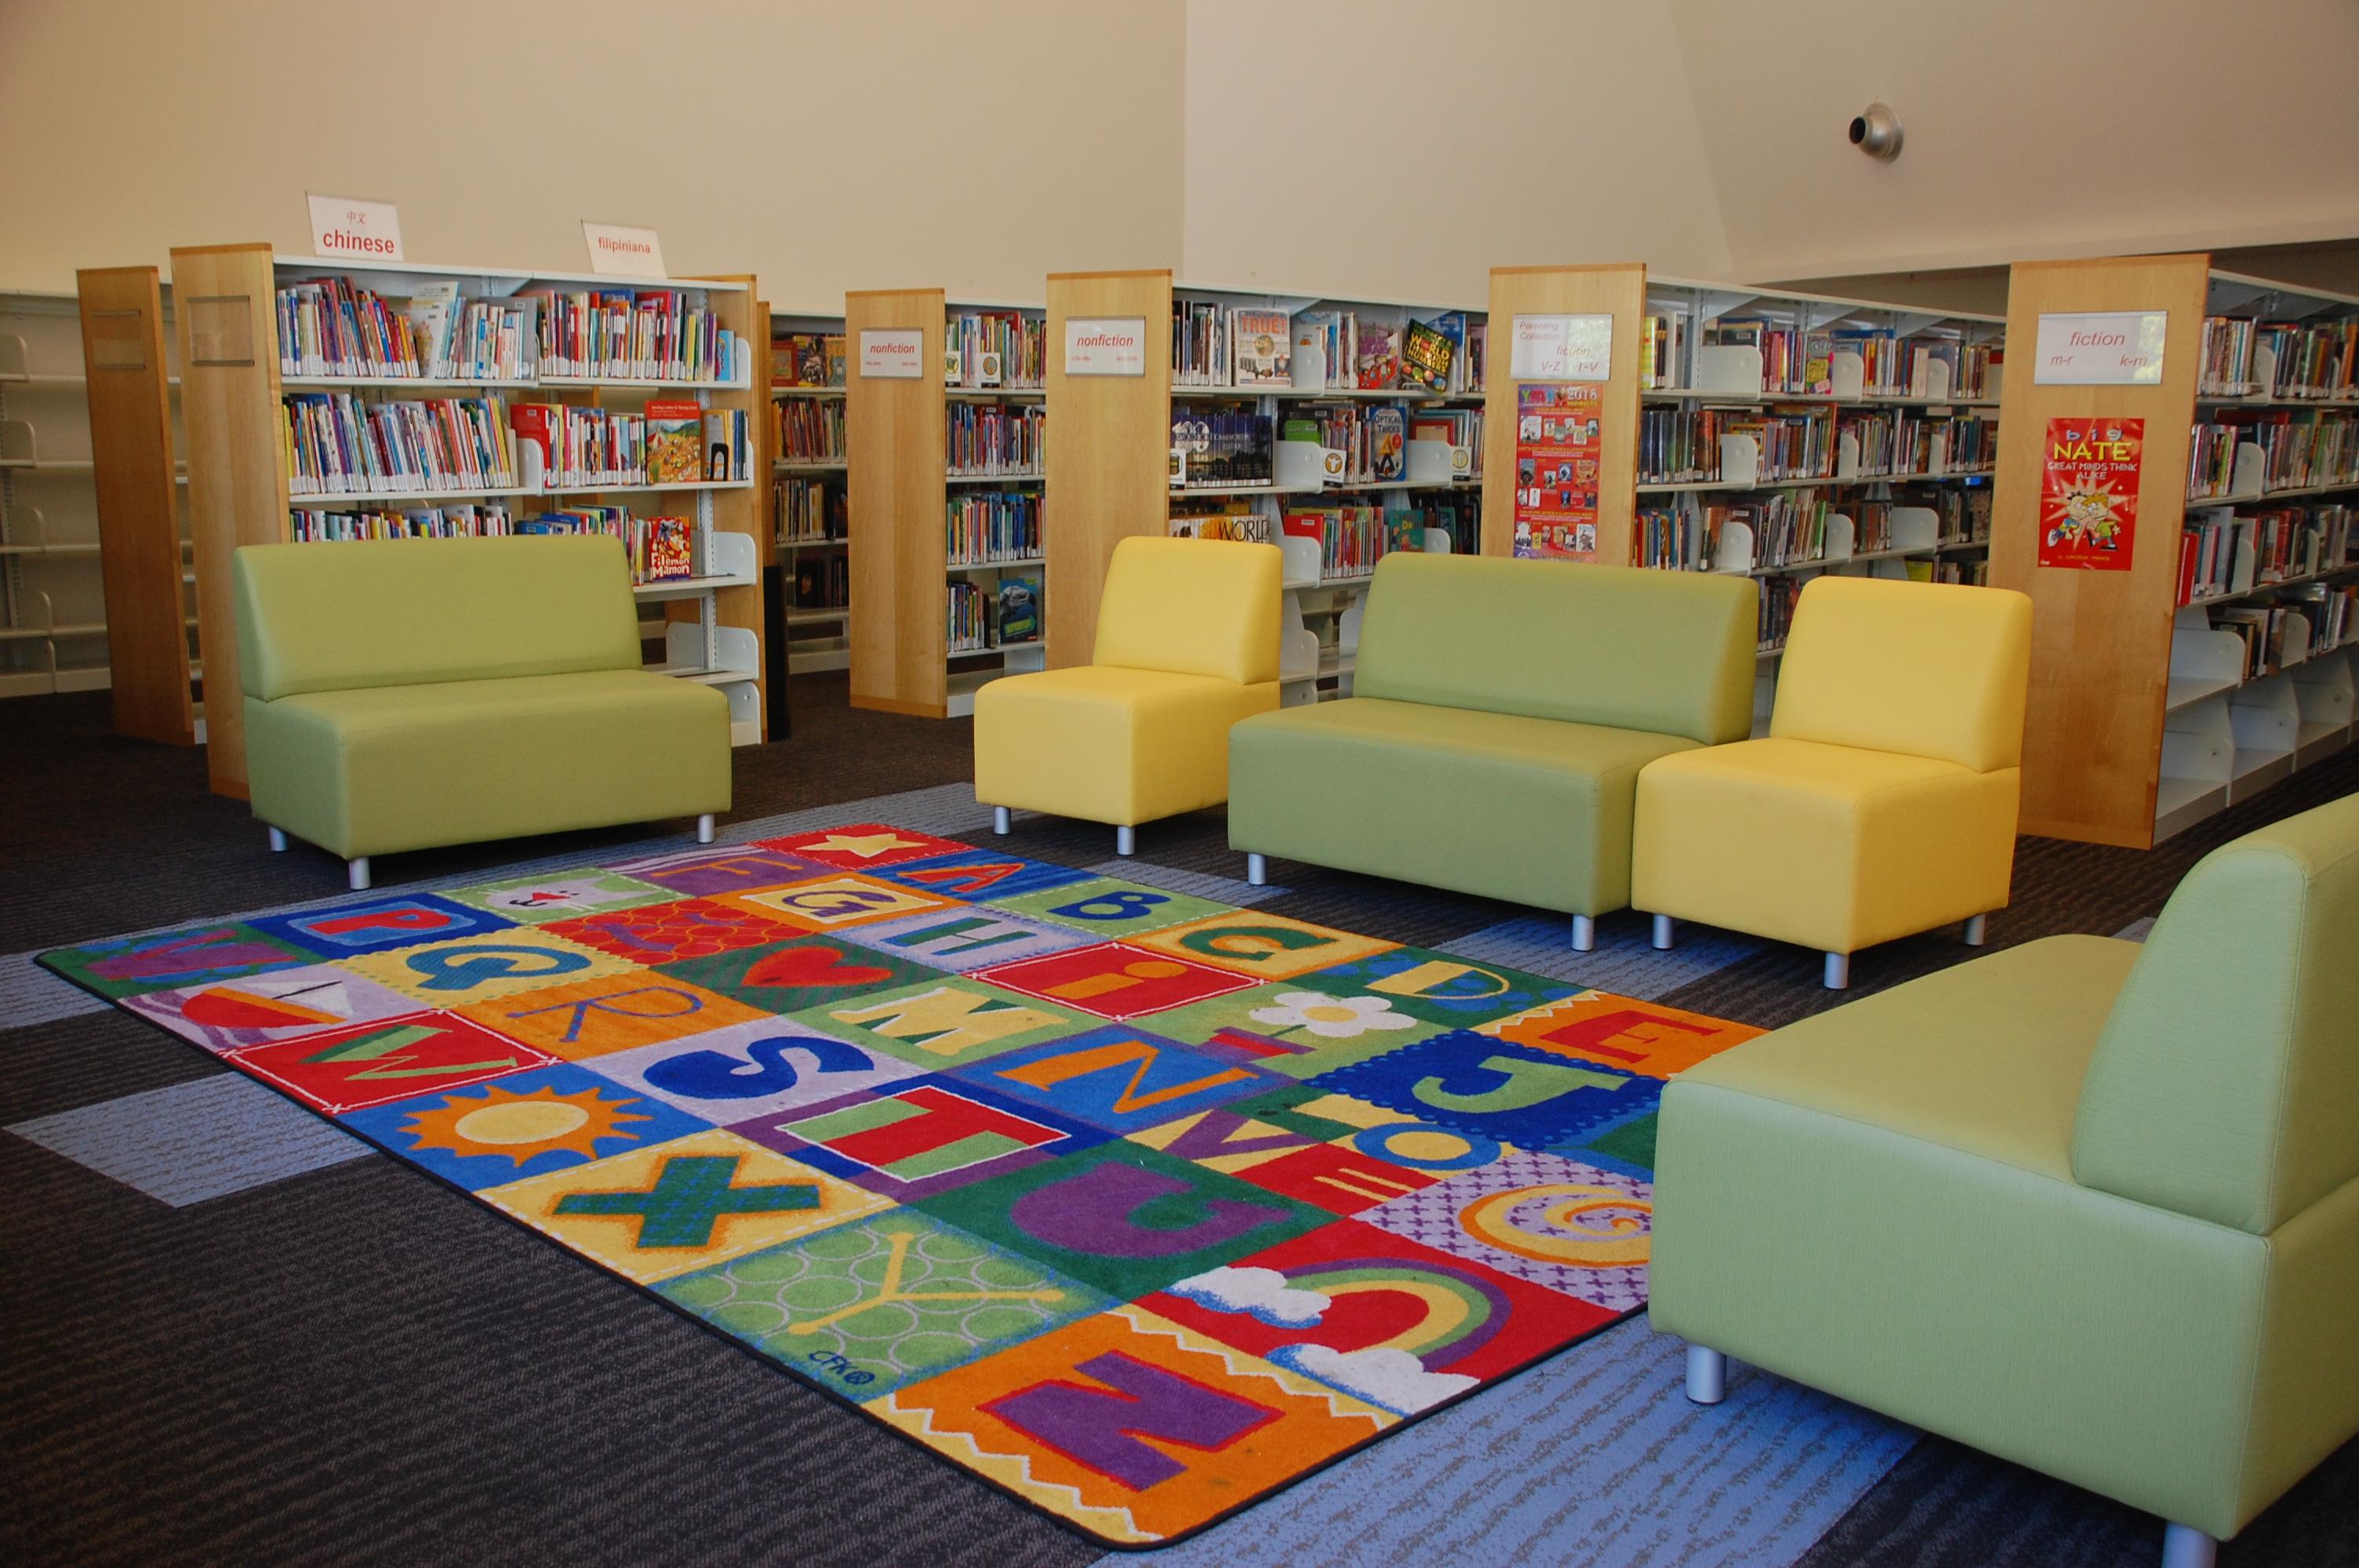 hercules library